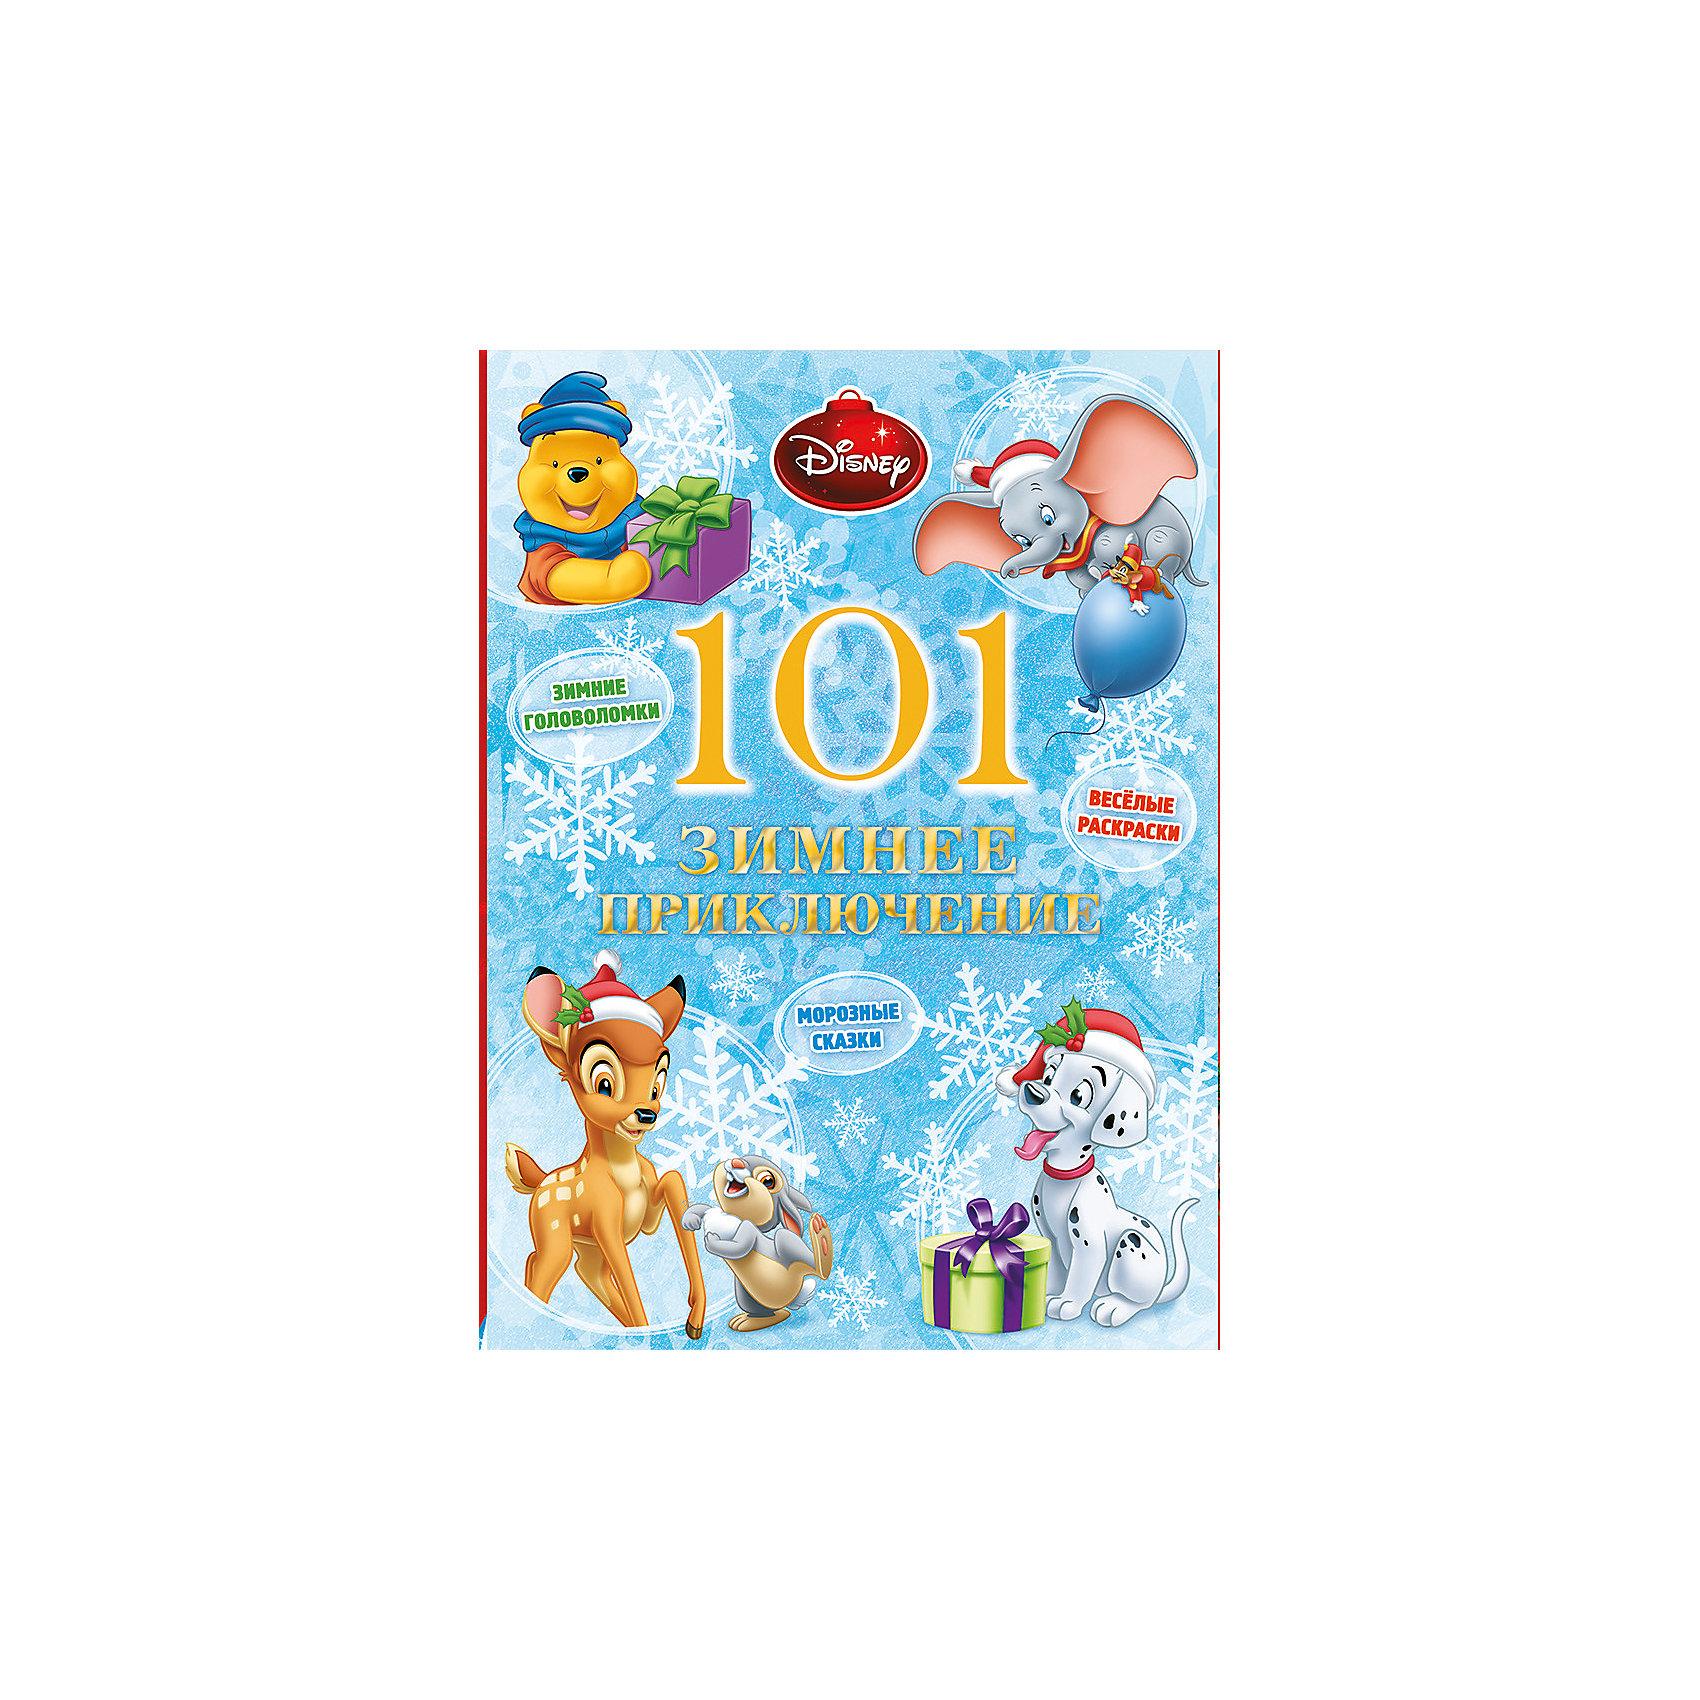 Книга с заданиями 101 зимнее приключение, ДиснейАнимационные фильмы Disney завоевали искреннюю любовь у всех поколений зрителей. И вот в волшебный мир наших любимых героев пришла зима. Однако малышам некогда скучать, даже если за окном трещат морозы или бушуют метели - праздничные истории, развивающие задания и весёлые раскраски помогут проявить фантазию и реализовать свои творческие способности.<br><br>Дополнительная информация:<br><br>- Количество страниц: 112.<br>- Формат: 26х20 см. <br>- Переплет: мягкий (крепление - скрепка).<br>- Иллюстрации: цветные.<br><br>Книгу с заданиями 101 зимнее приключение, Дисней, можно купить в нашем магазине.<br><br>Ширина мм: 262<br>Глубина мм: 194<br>Высота мм: 8<br>Вес г: 100<br>Возраст от месяцев: 36<br>Возраст до месяцев: 72<br>Пол: Унисекс<br>Возраст: Детский<br>SKU: 4298968